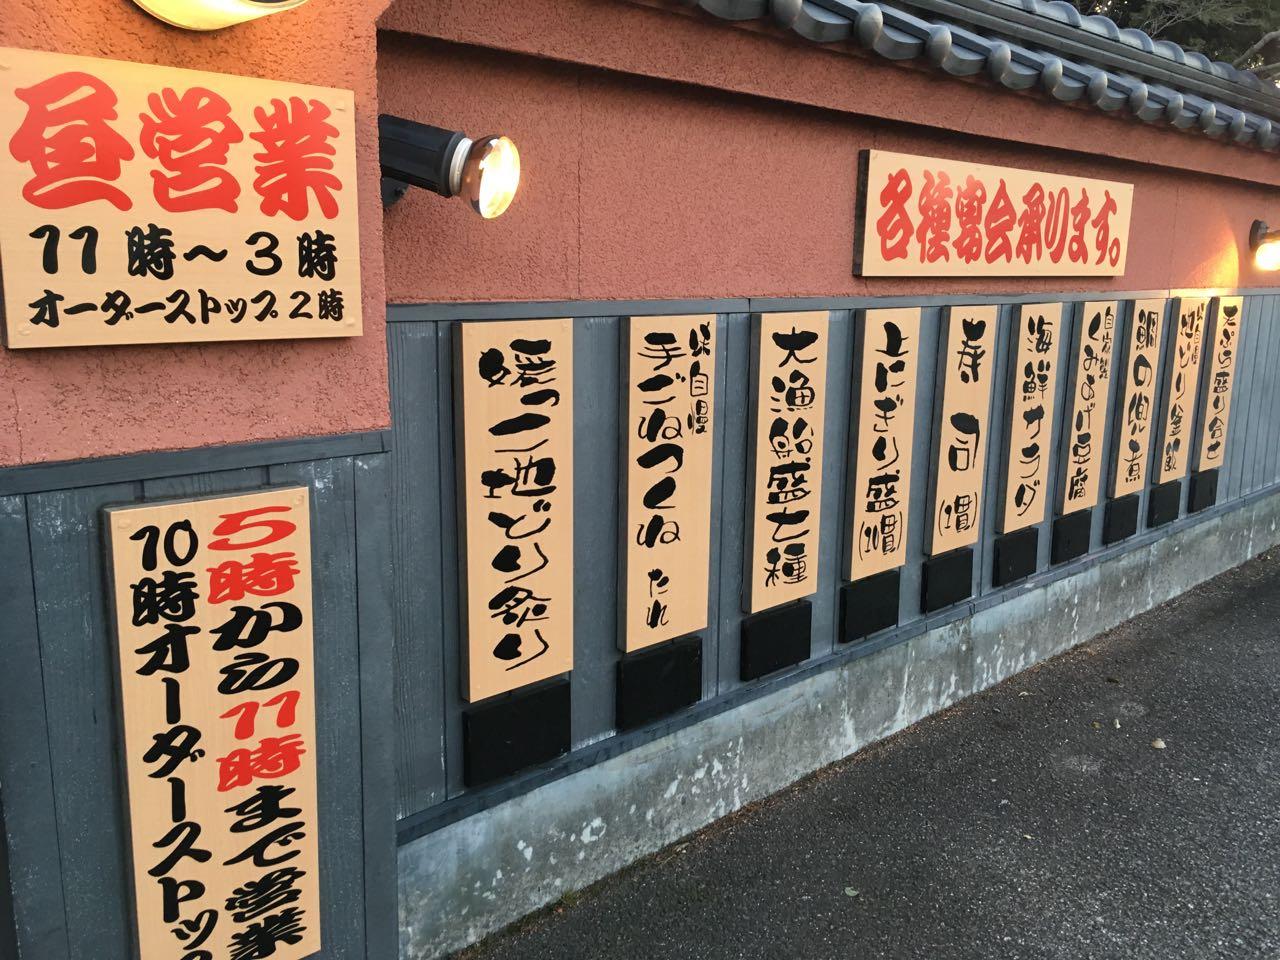 みとん今治,とり壱,馳走家,ランチ,ありがとうサービス,横田町